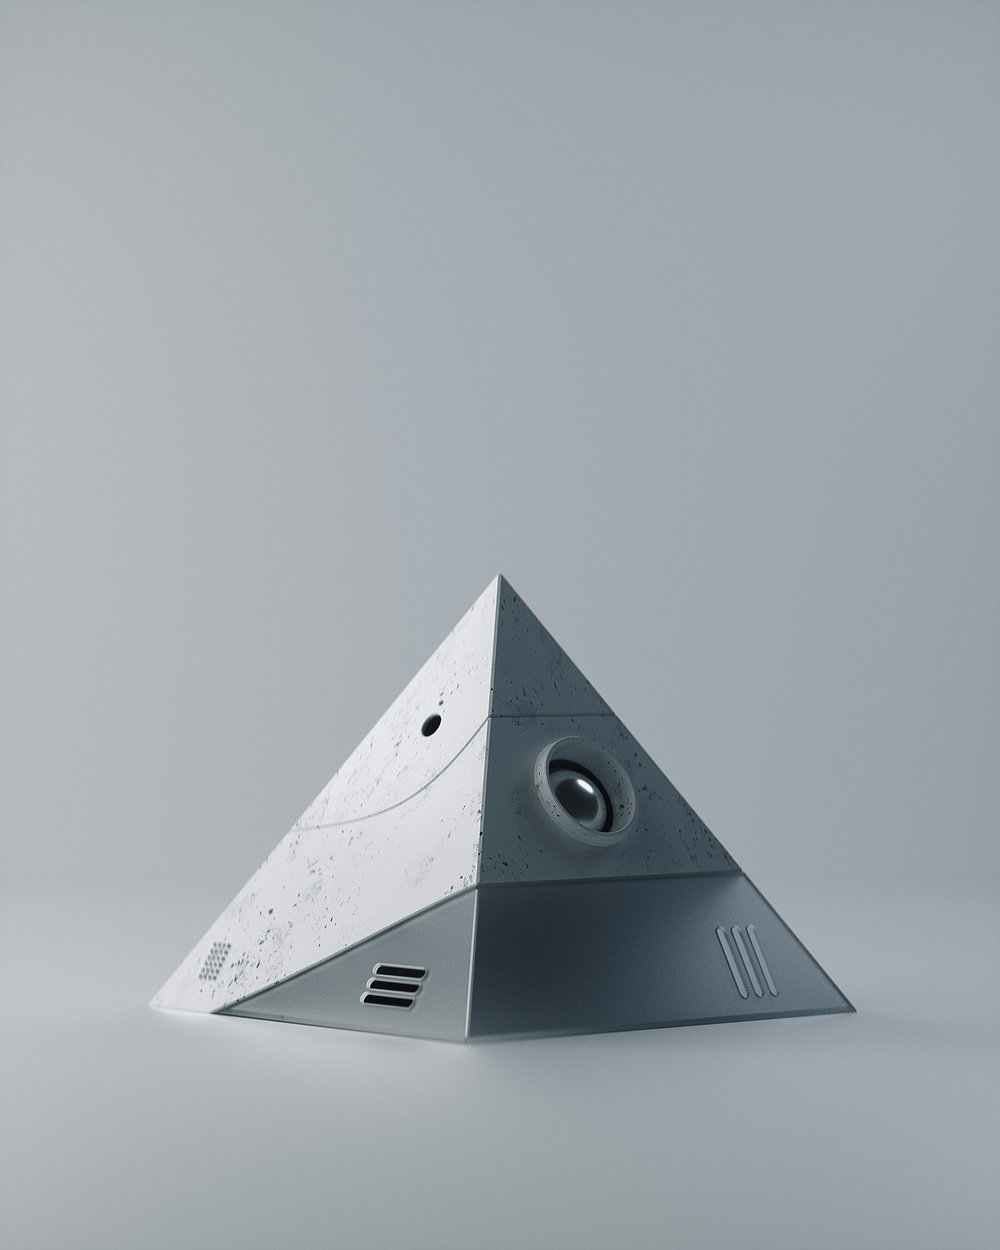 [17-12-17] - Prism.jpg